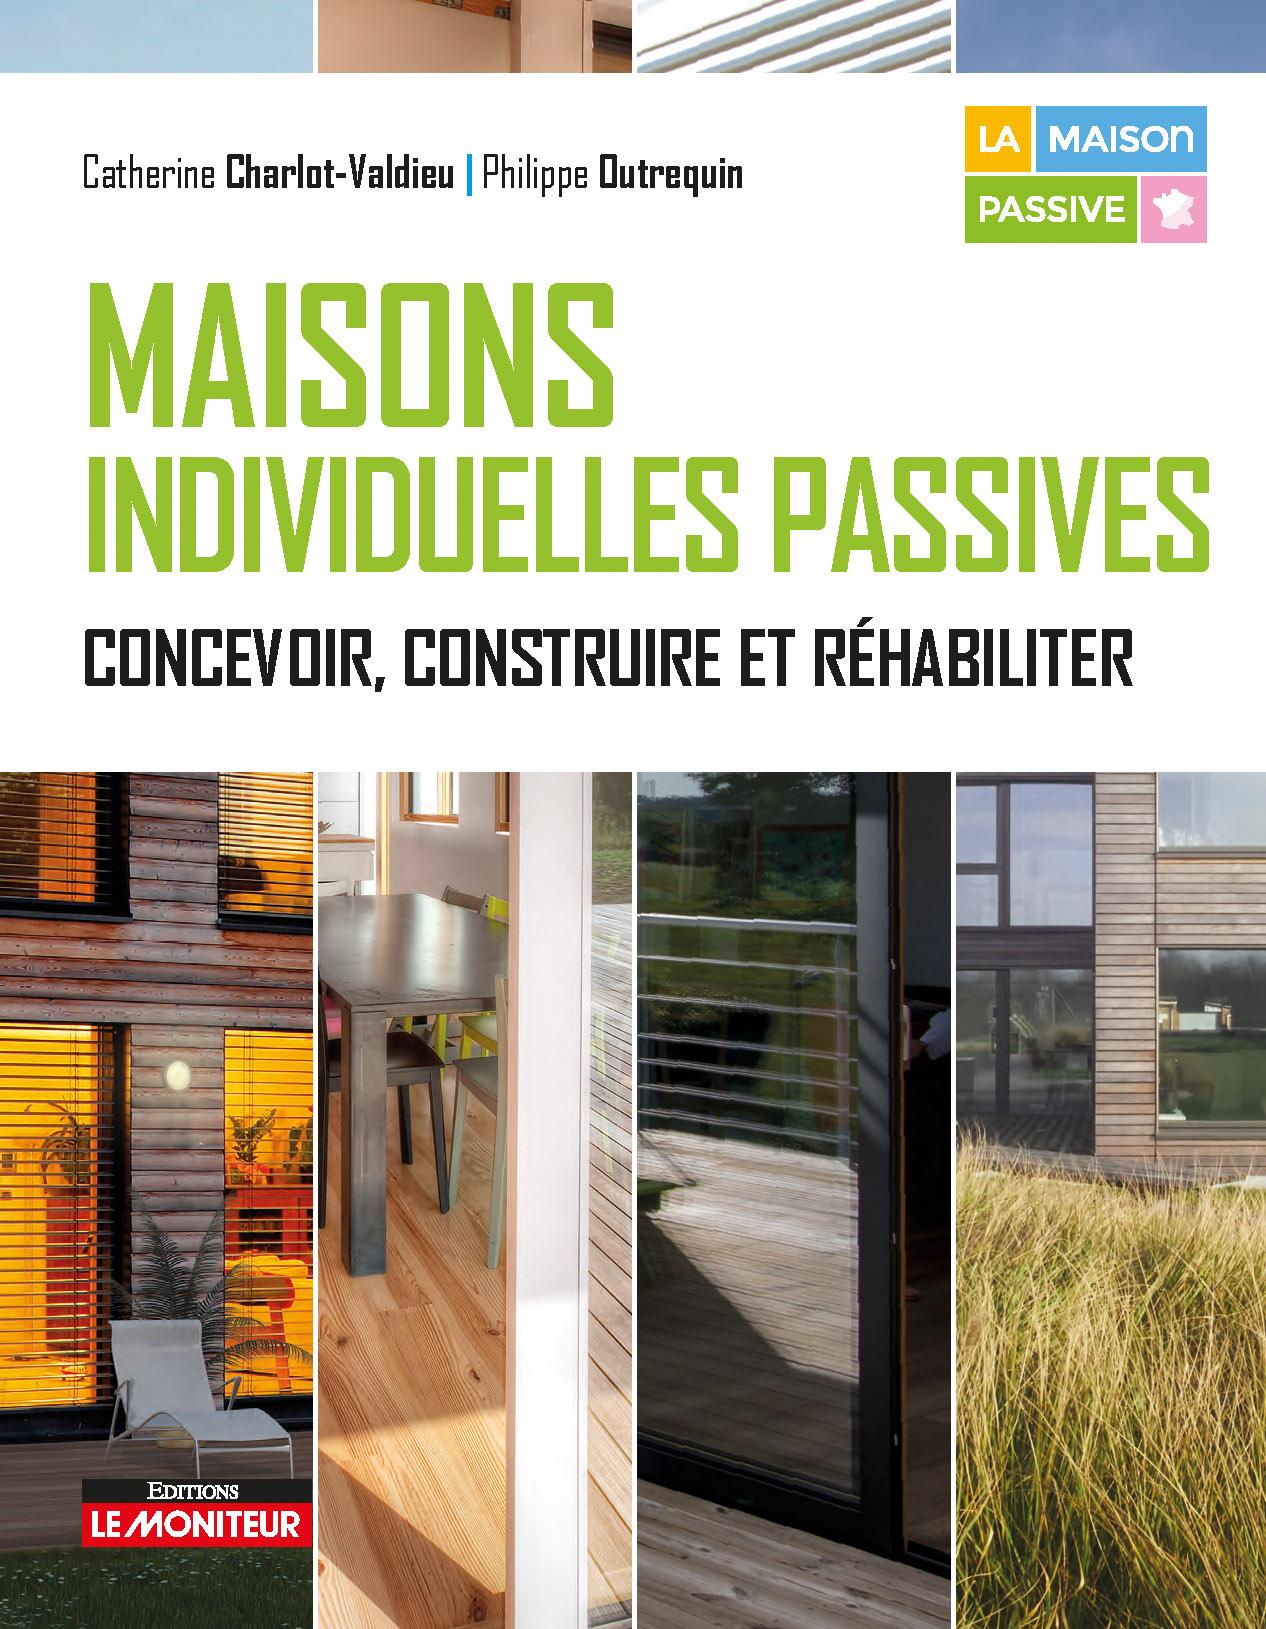 Maisons individuelles passives